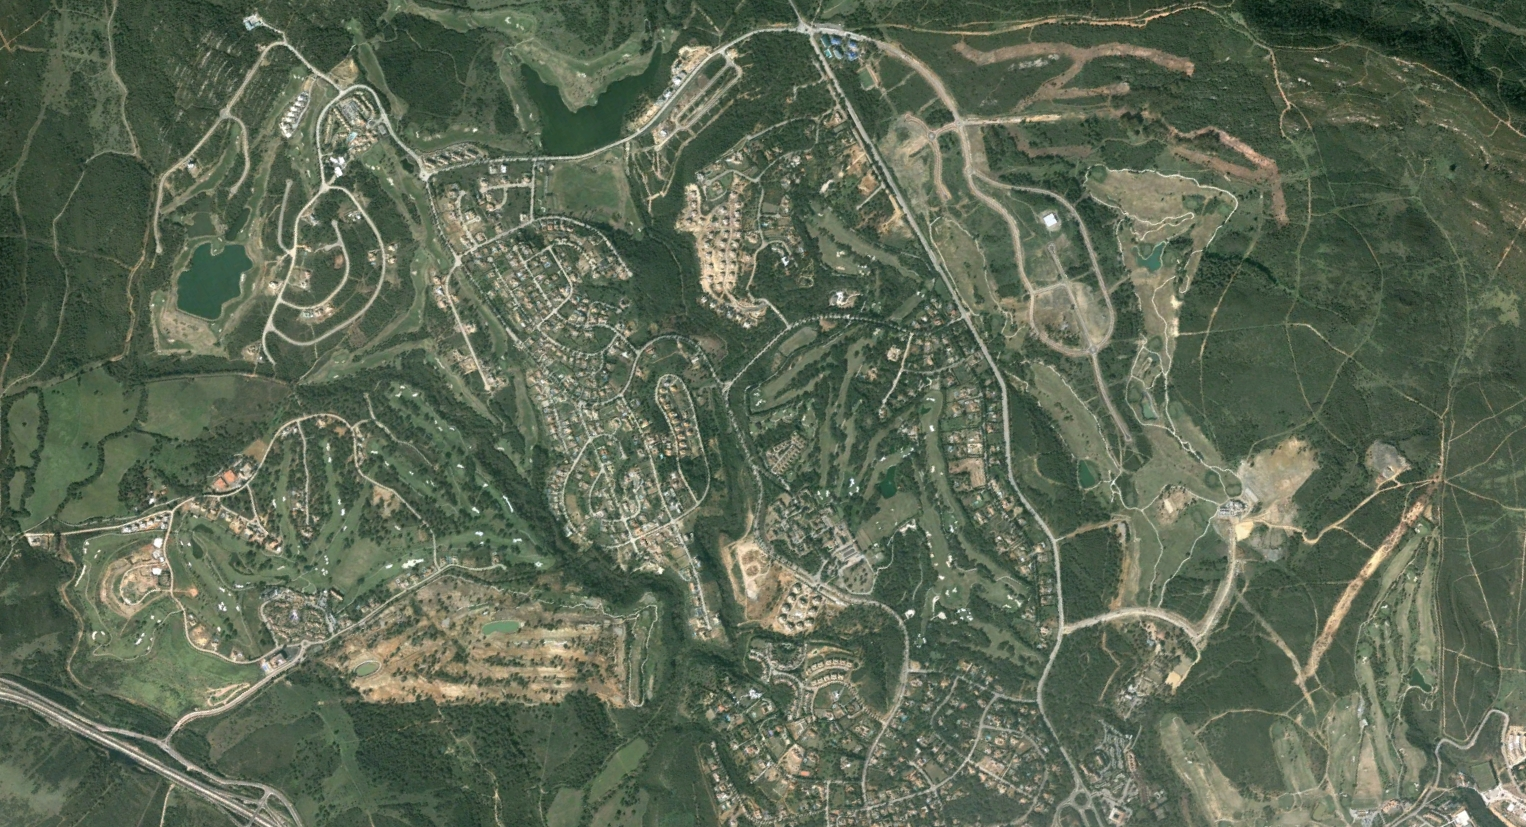 guadiaro, cádiz, ringriver, antes, urbanismo, planeamiento, urbano, desastre, urbanístico, construcción